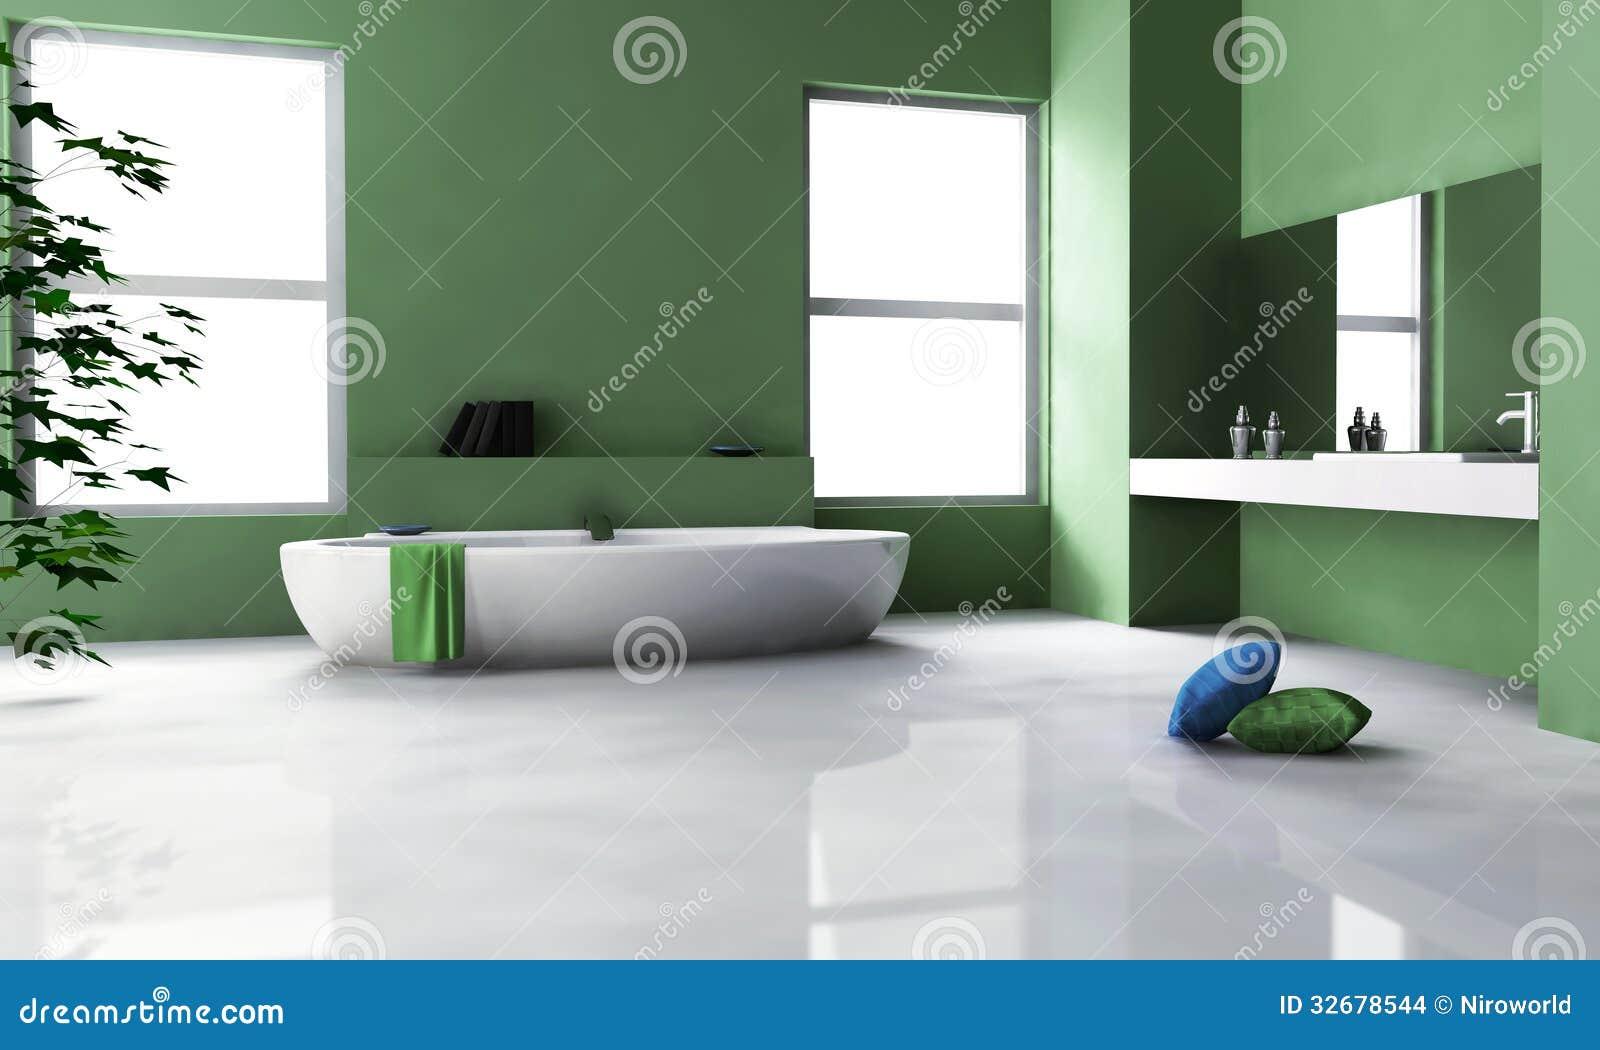 Dise o interior del cuarto de ba o verde imagenes de - Diseno de pisos ...